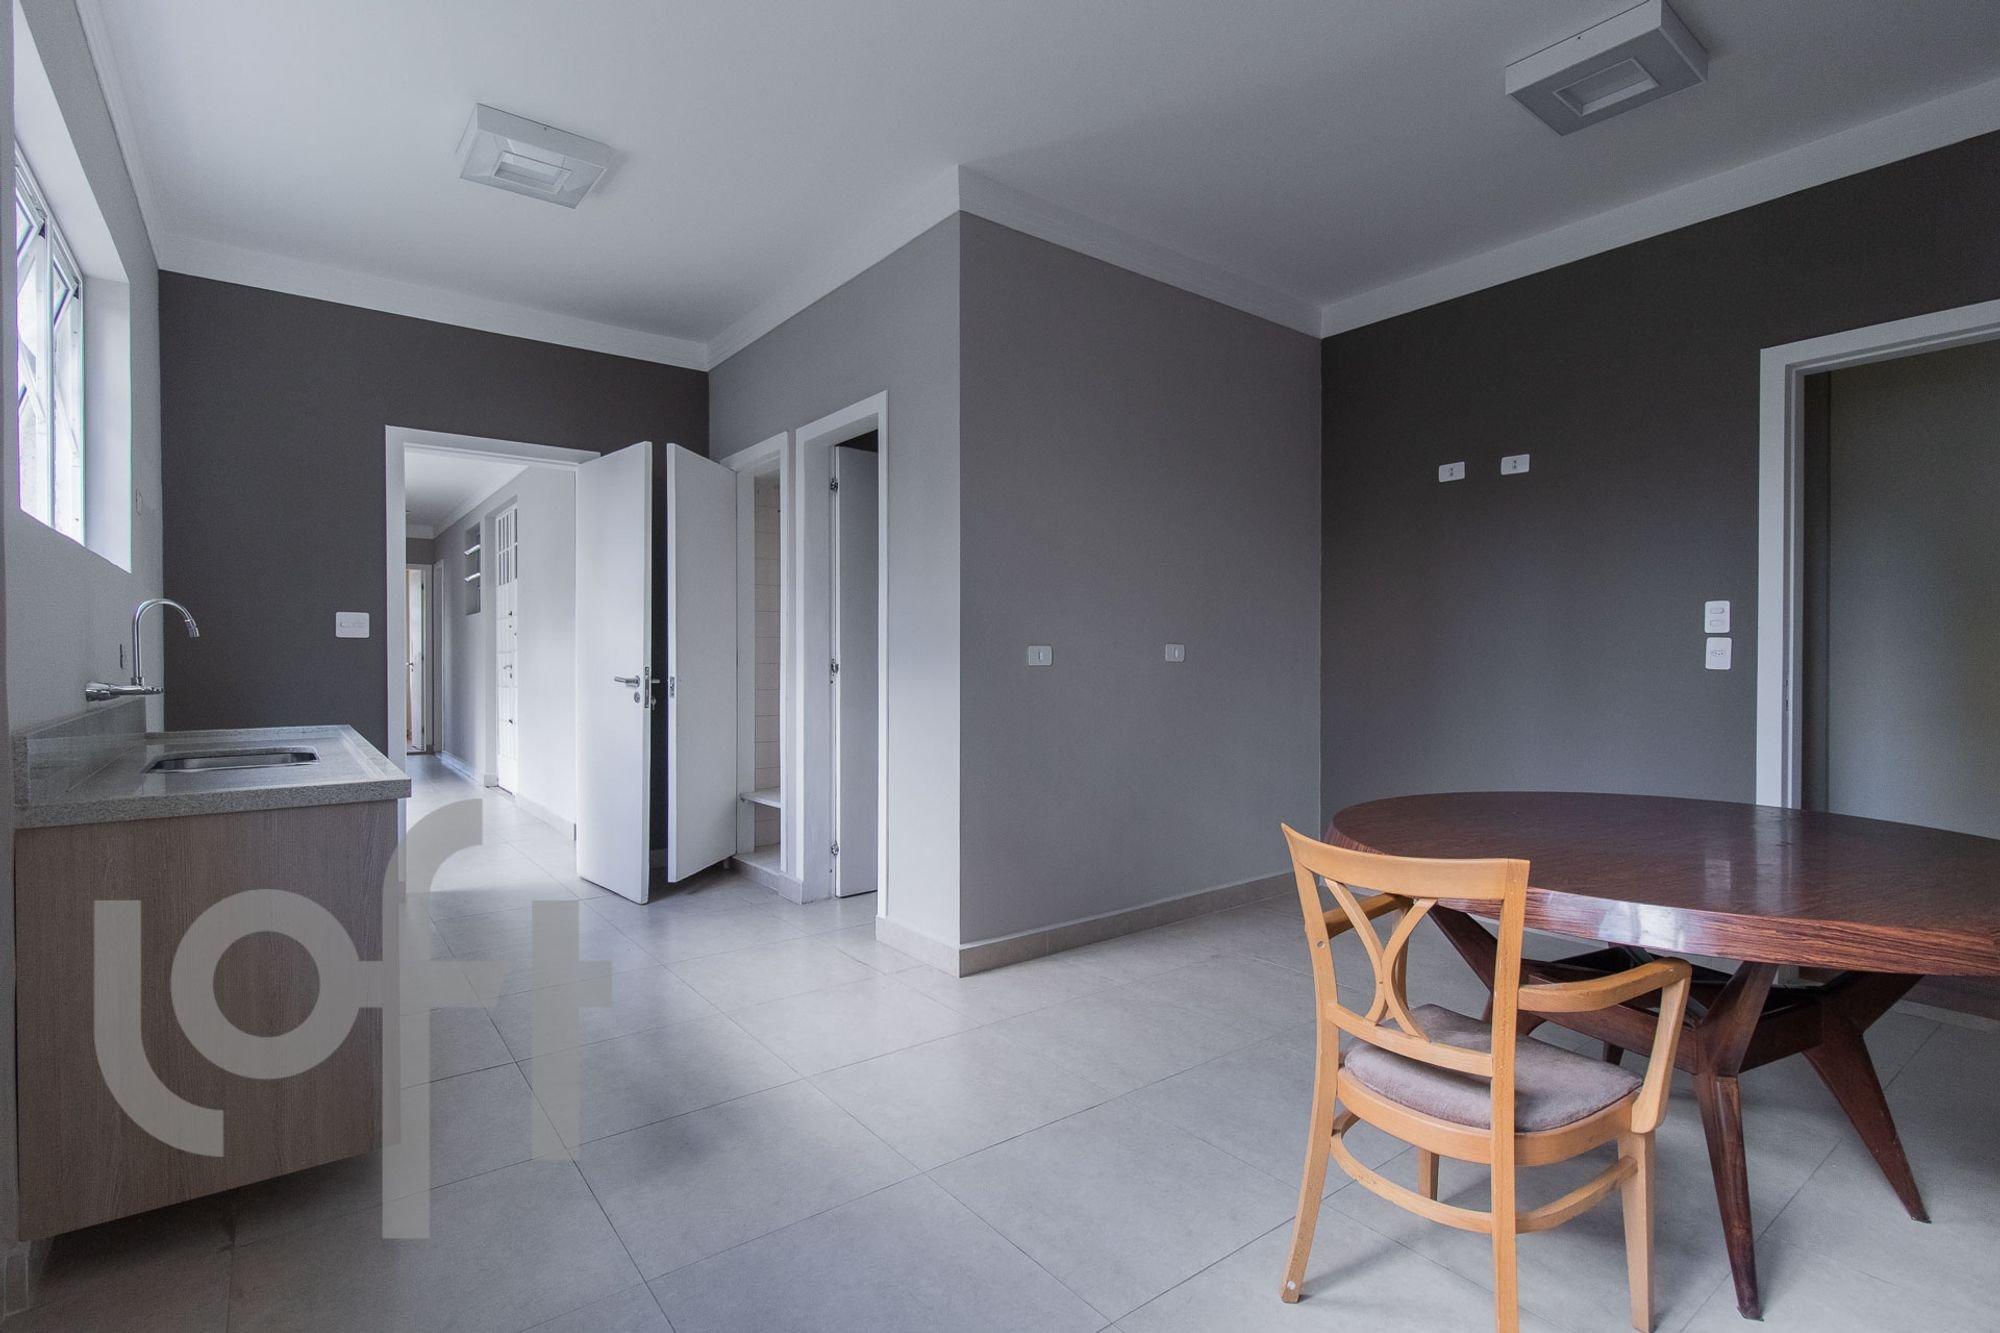 https://content.loft.com.br/homes/1dbk017/desktop_kitchen09.jpg